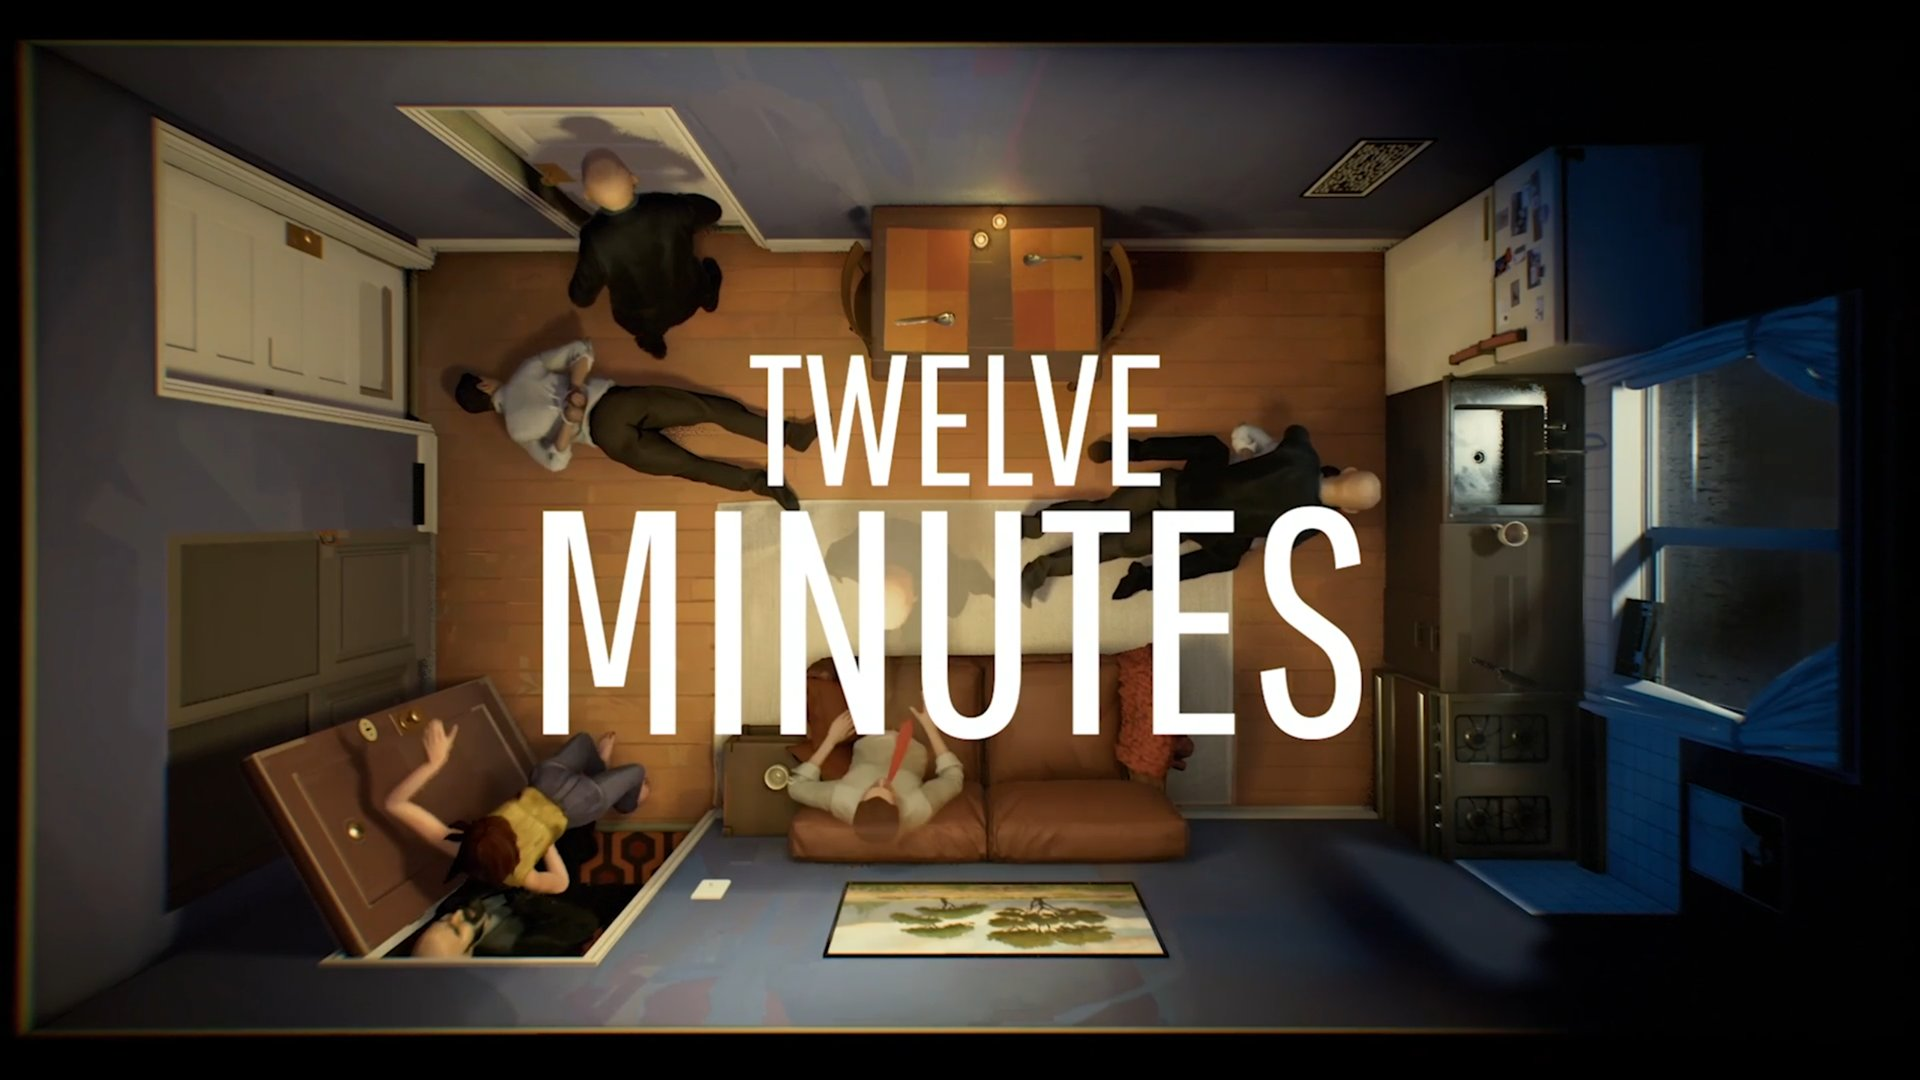 تریلر جدید بازی Twelve Minutes منتشر شد